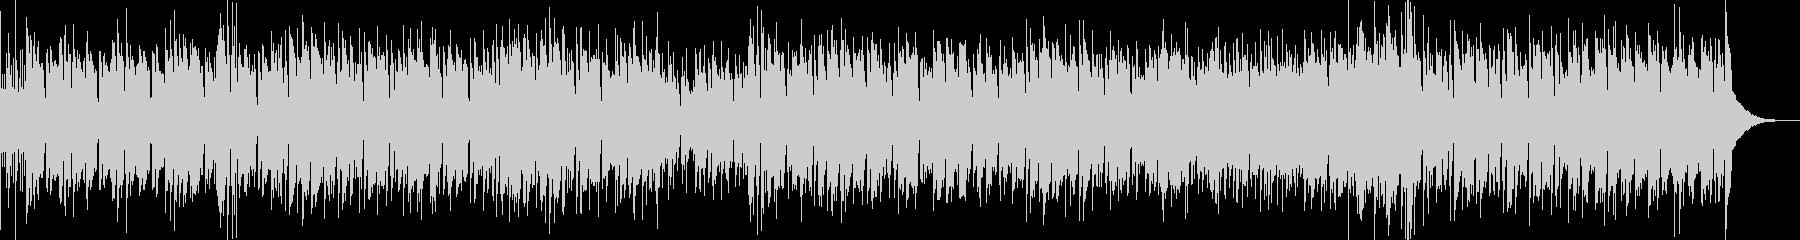 スタンダードジャズ ブラス ラテンビートの未再生の波形